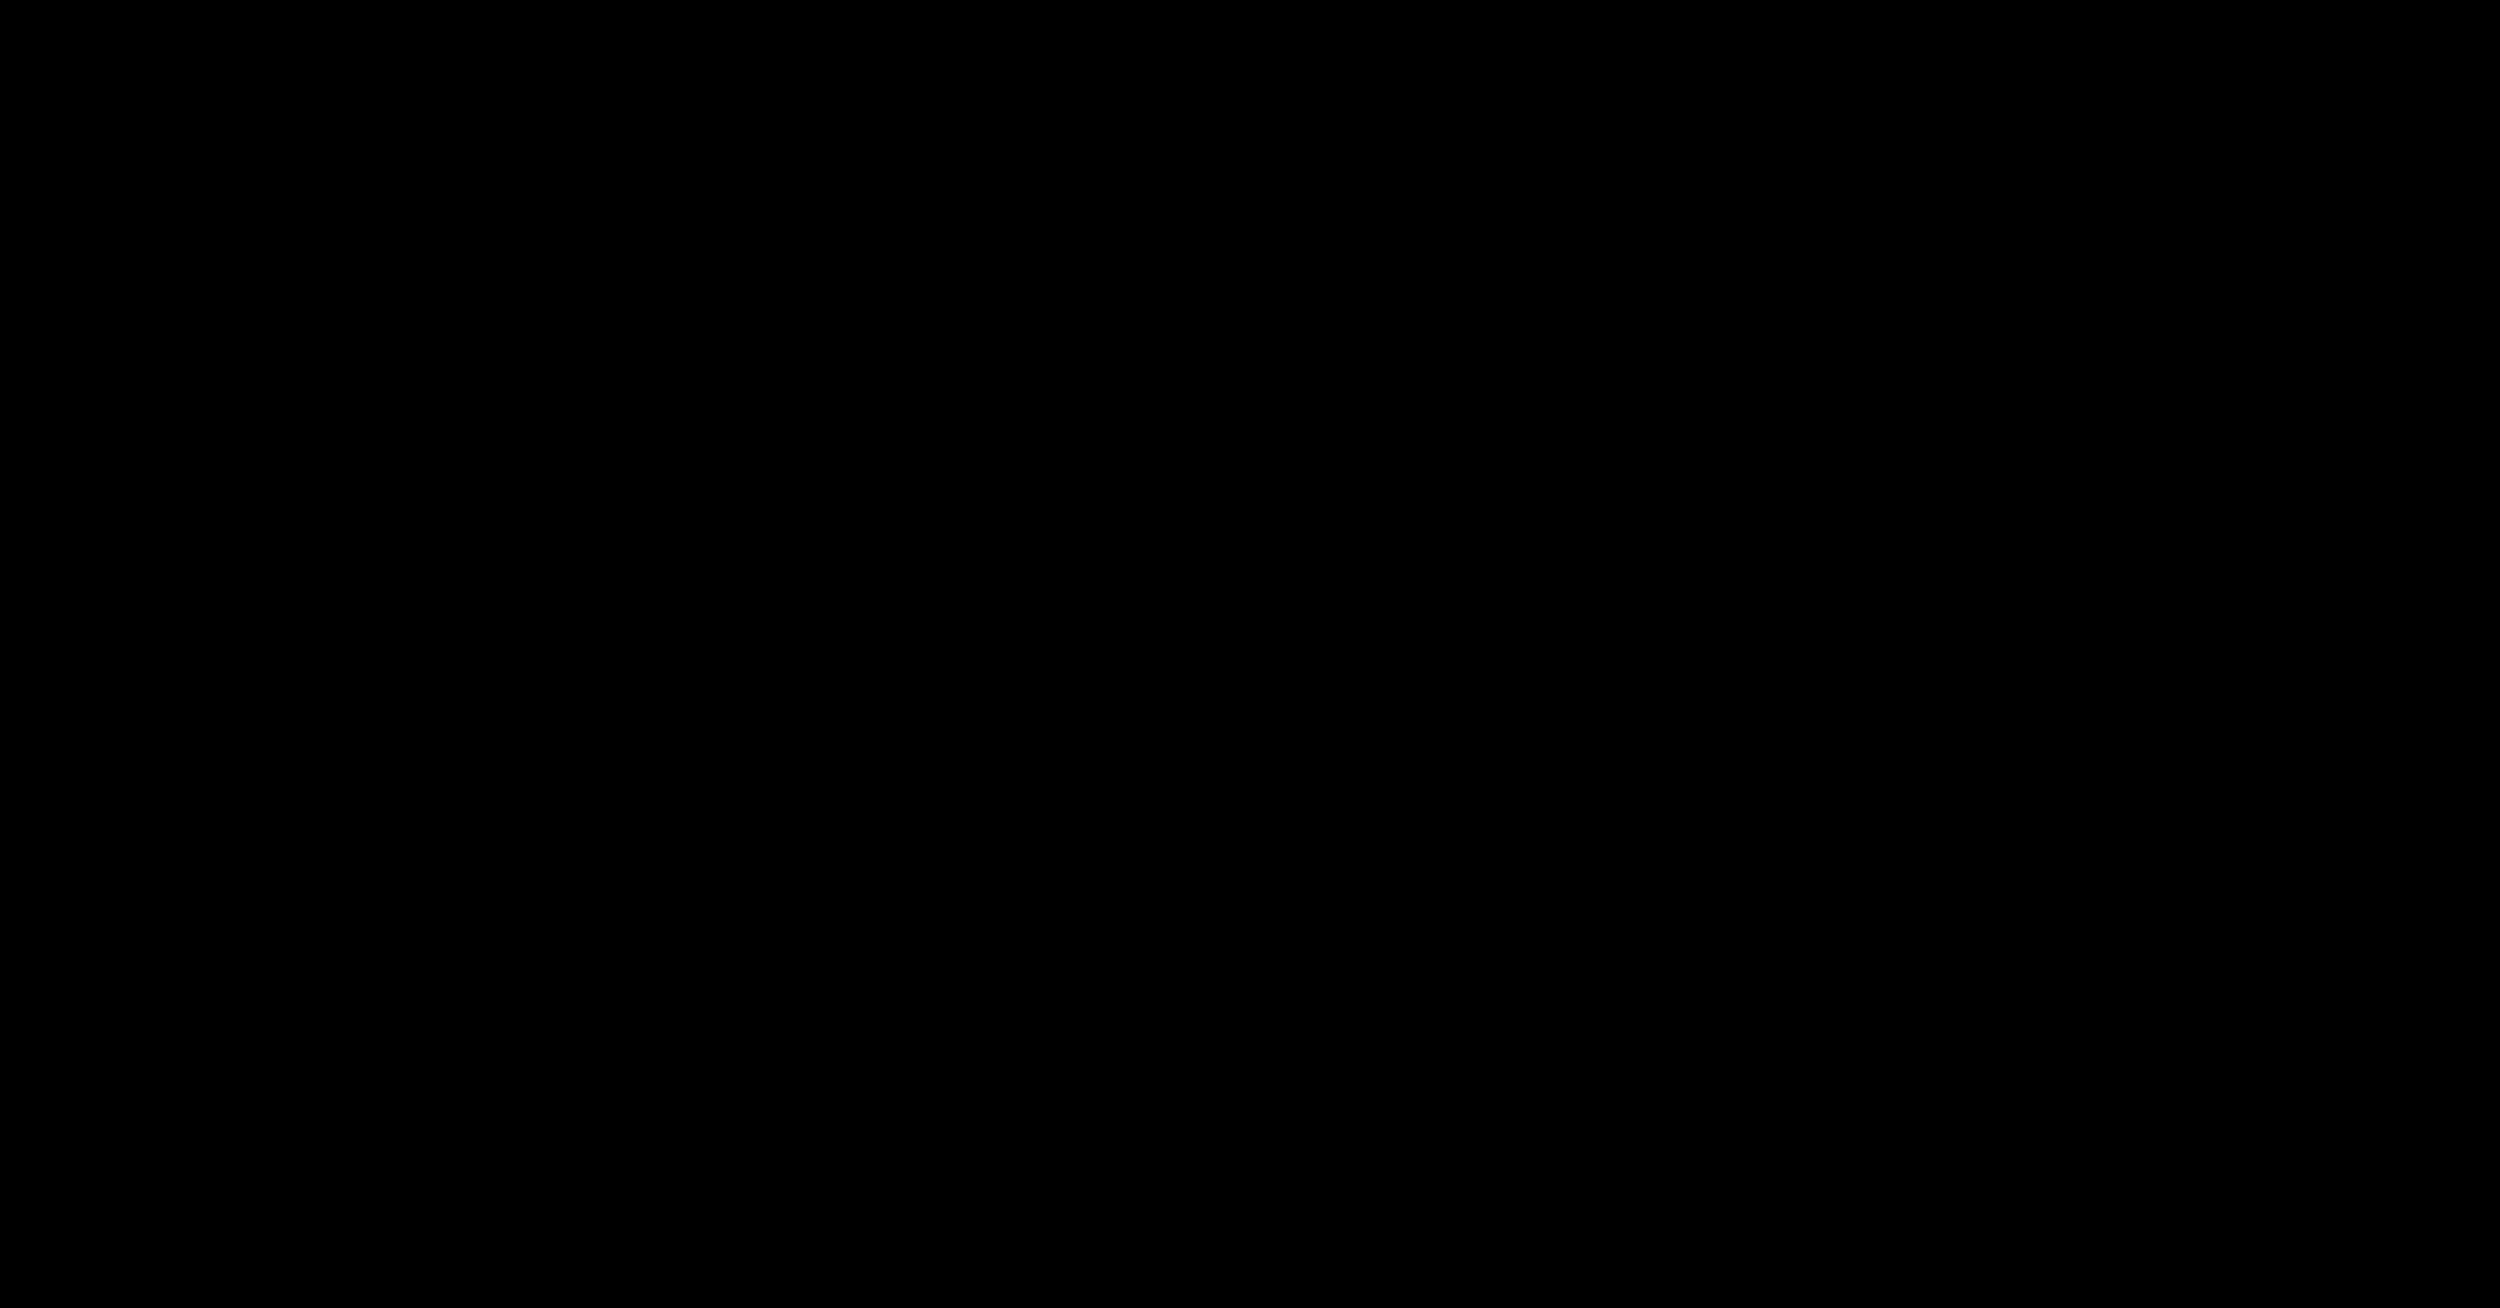 KFlay-logo-2019-01.png